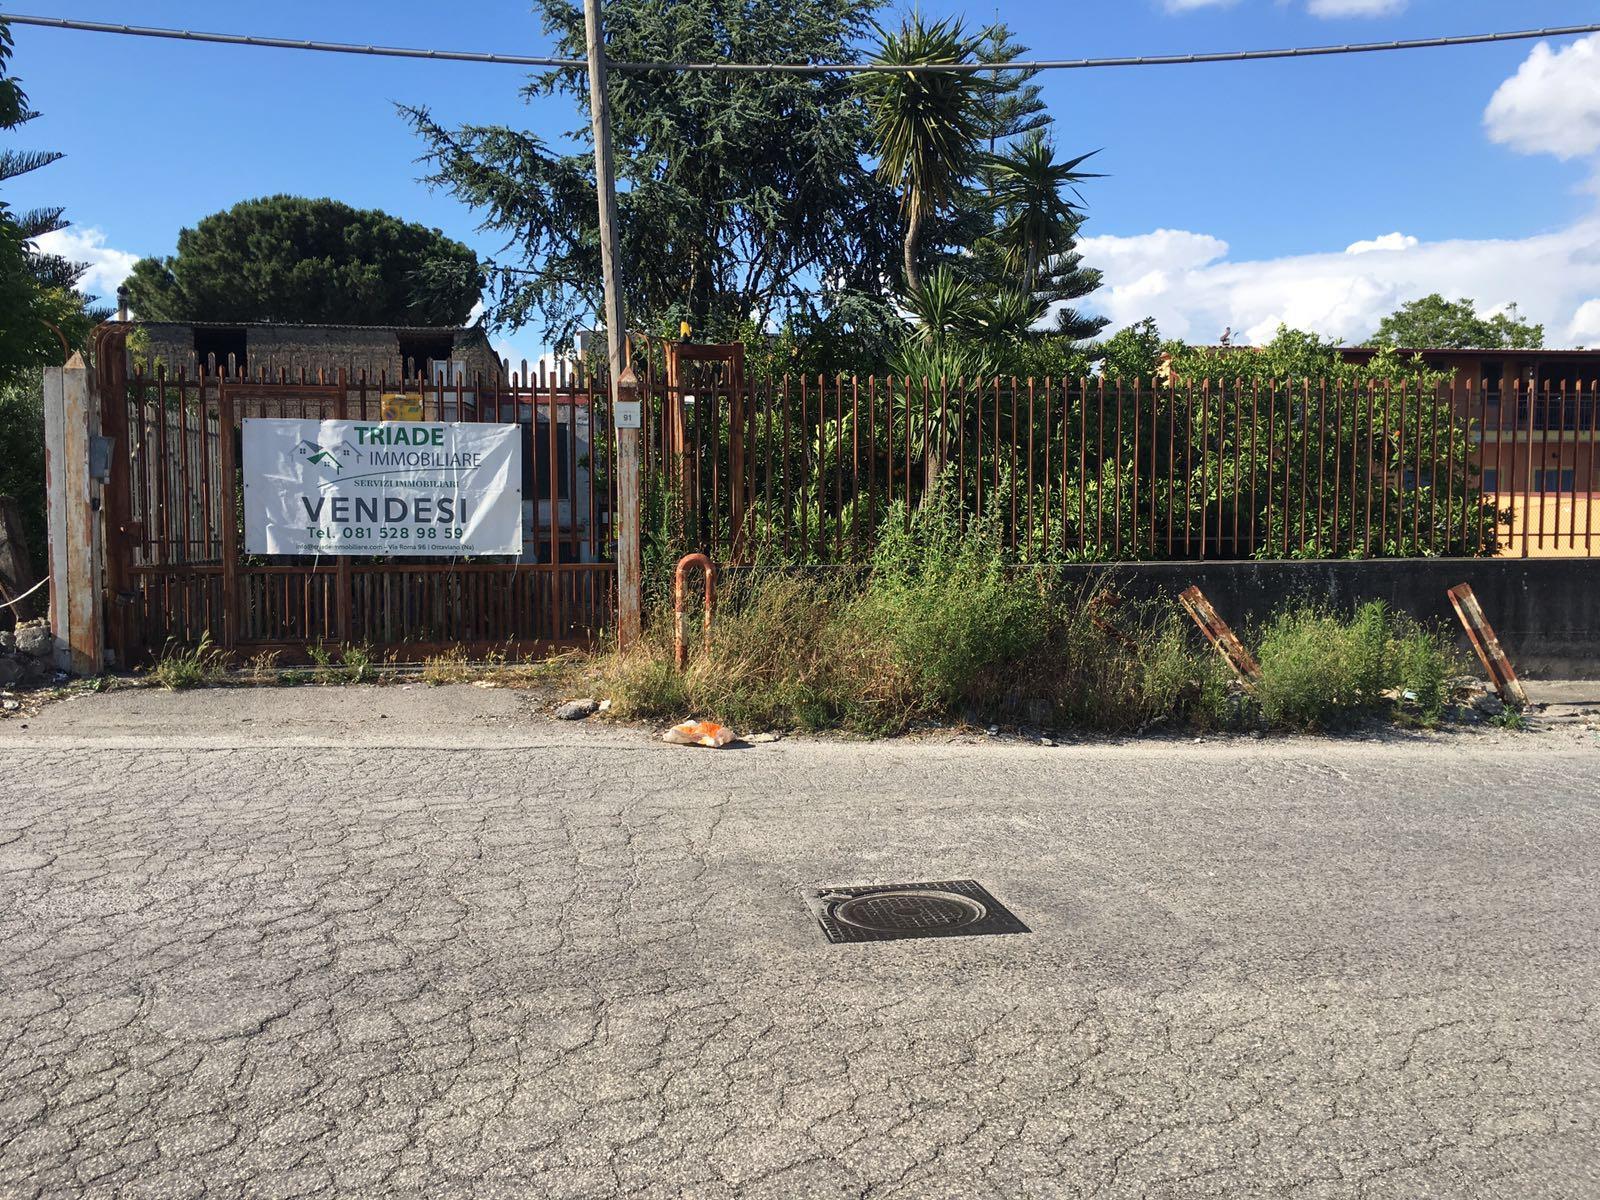 Soluzione Indipendente in vendita a San Giuseppe Vesuviano, 2 locali, prezzo € 135.000 | Cambio Casa.it